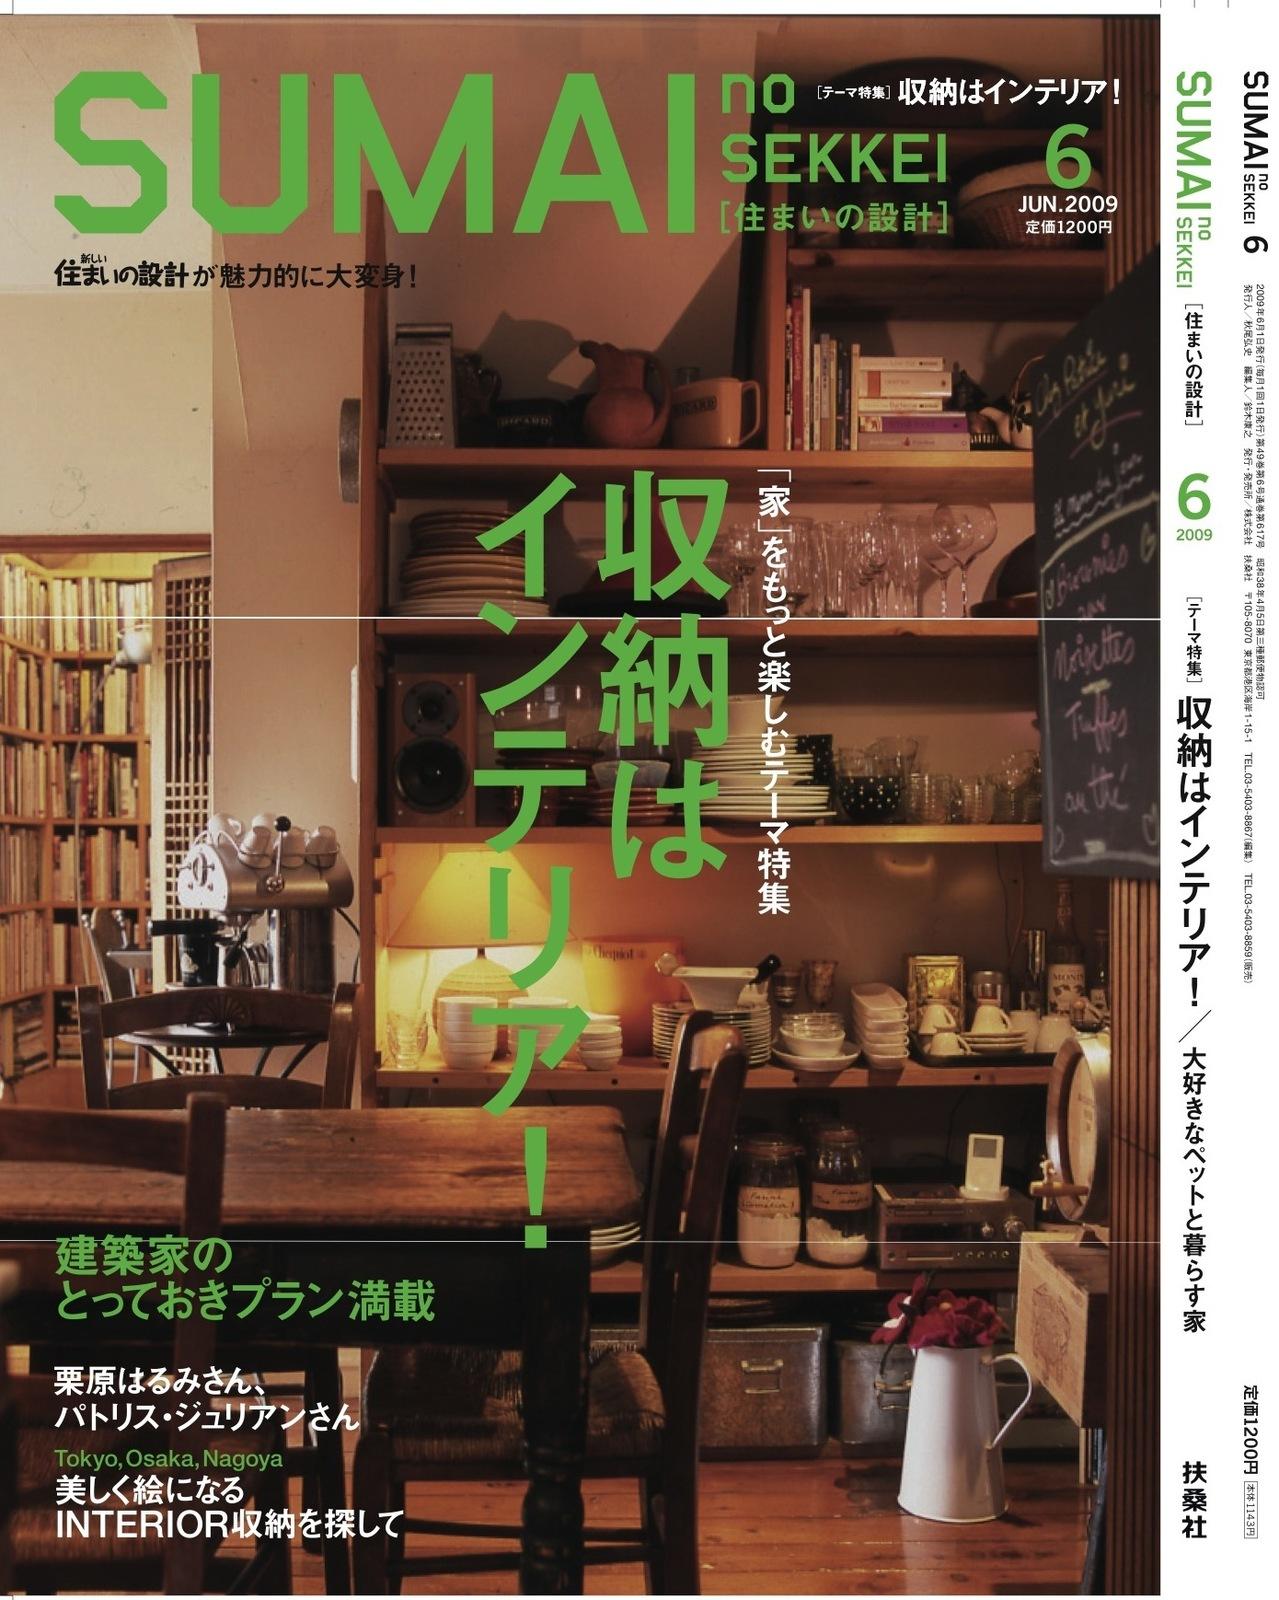 Sumai_2